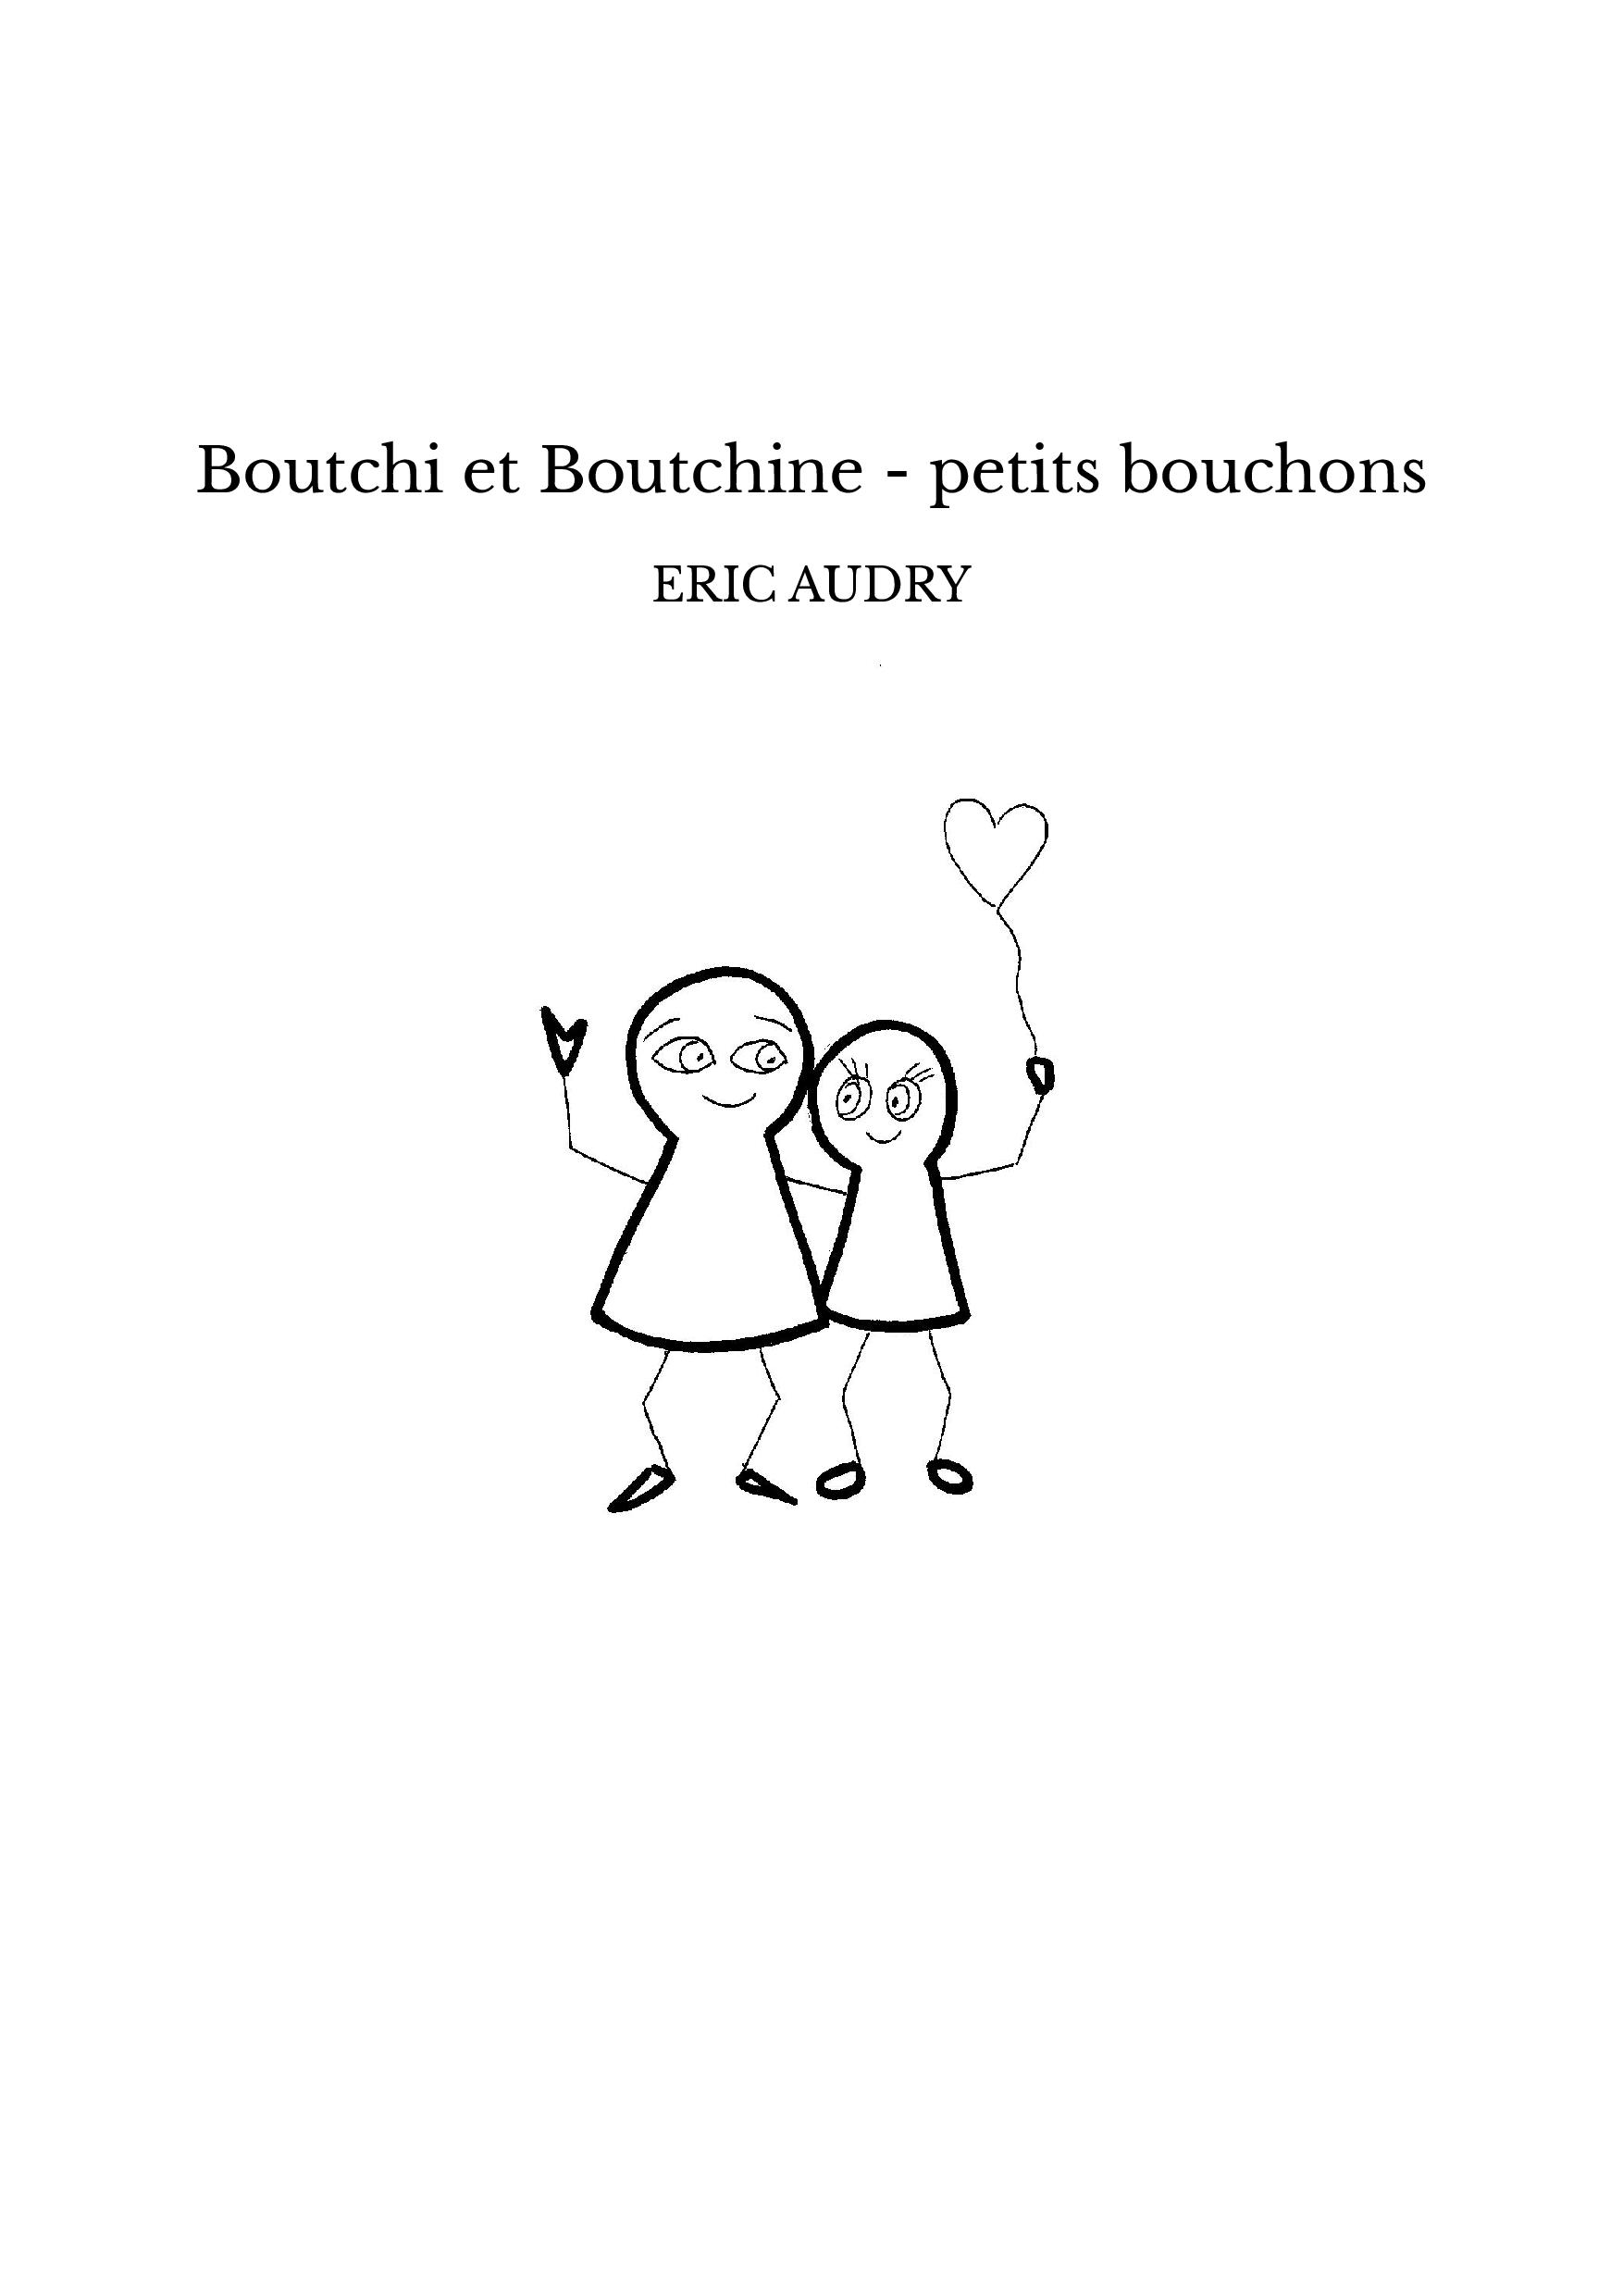 Boutchi et Boutchine - petits bouchons